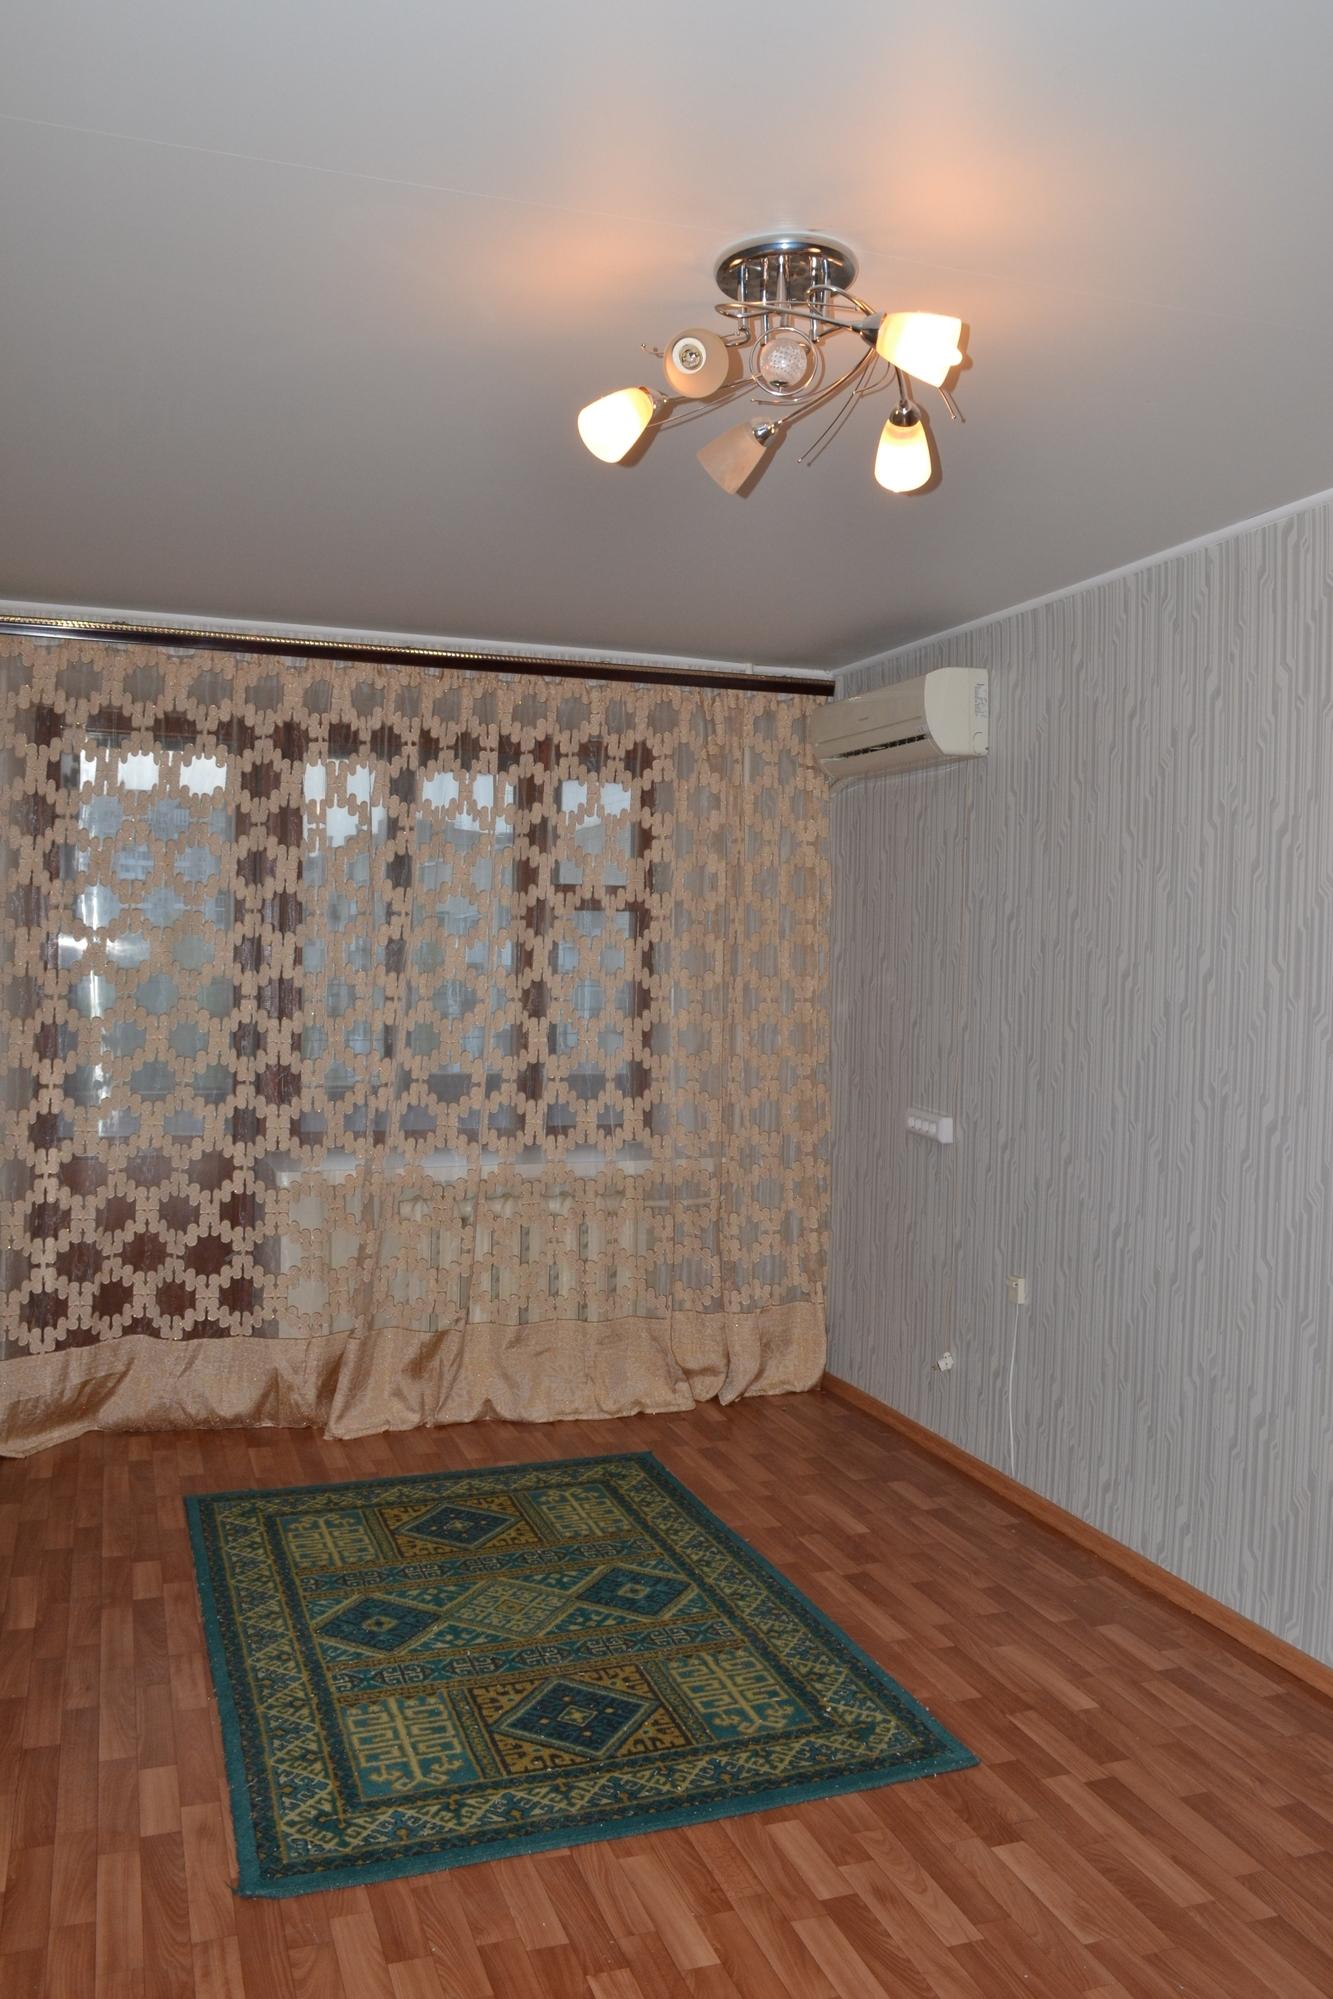 авито ру продажа в саратове 1-комн квартир стоимость включены: